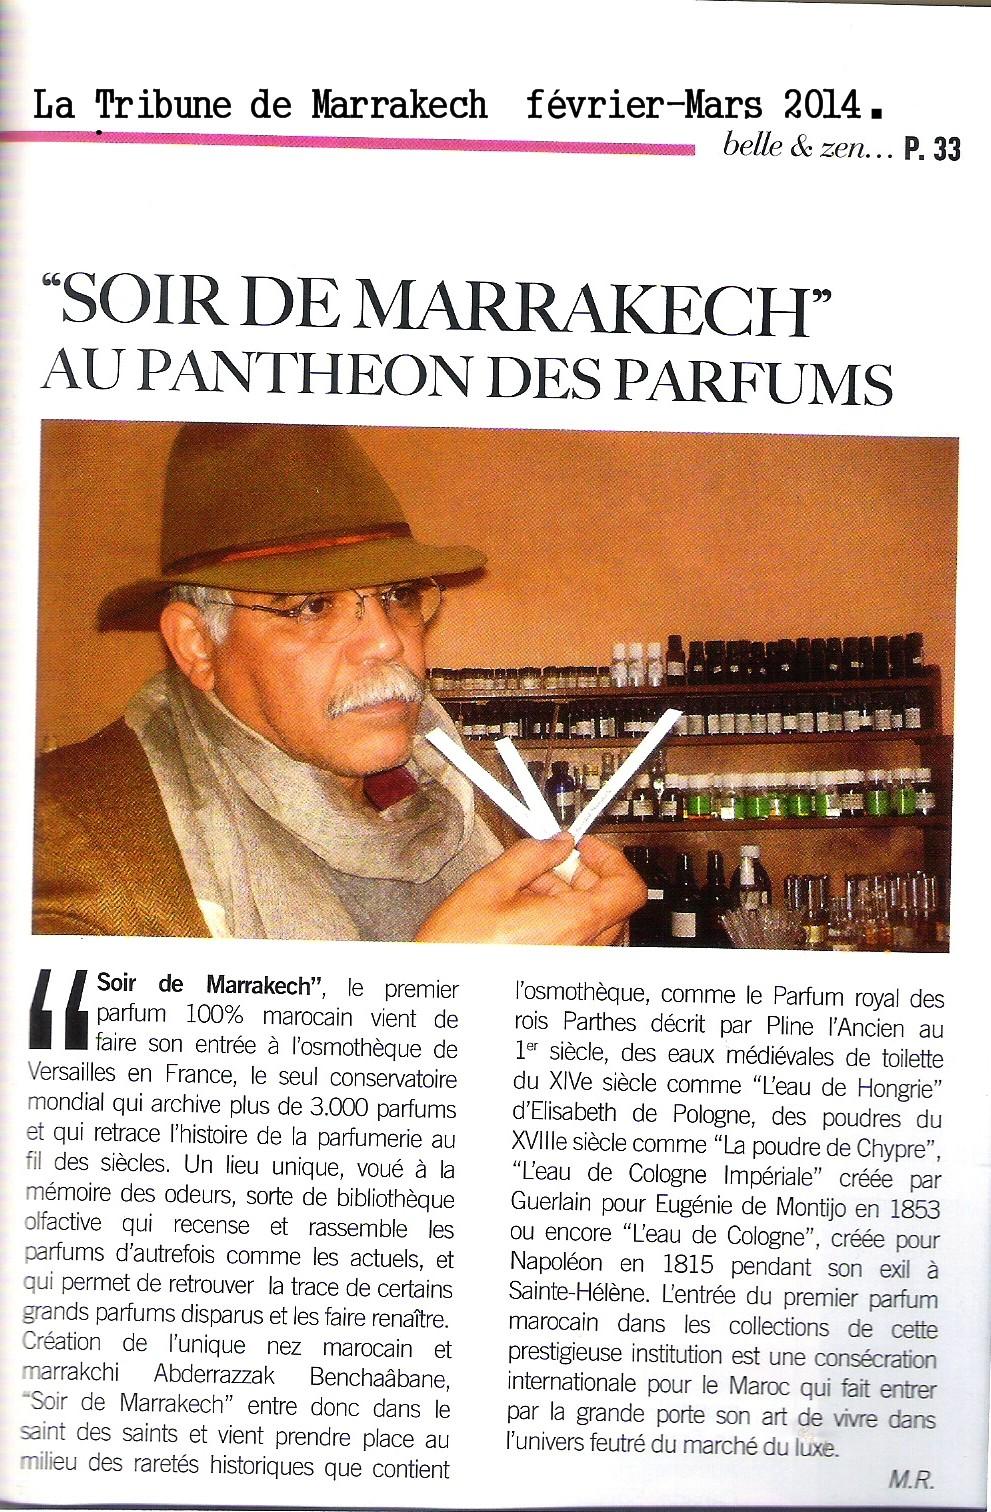 """""""Soir de Marrakech"""" au pantheon des parfums"""